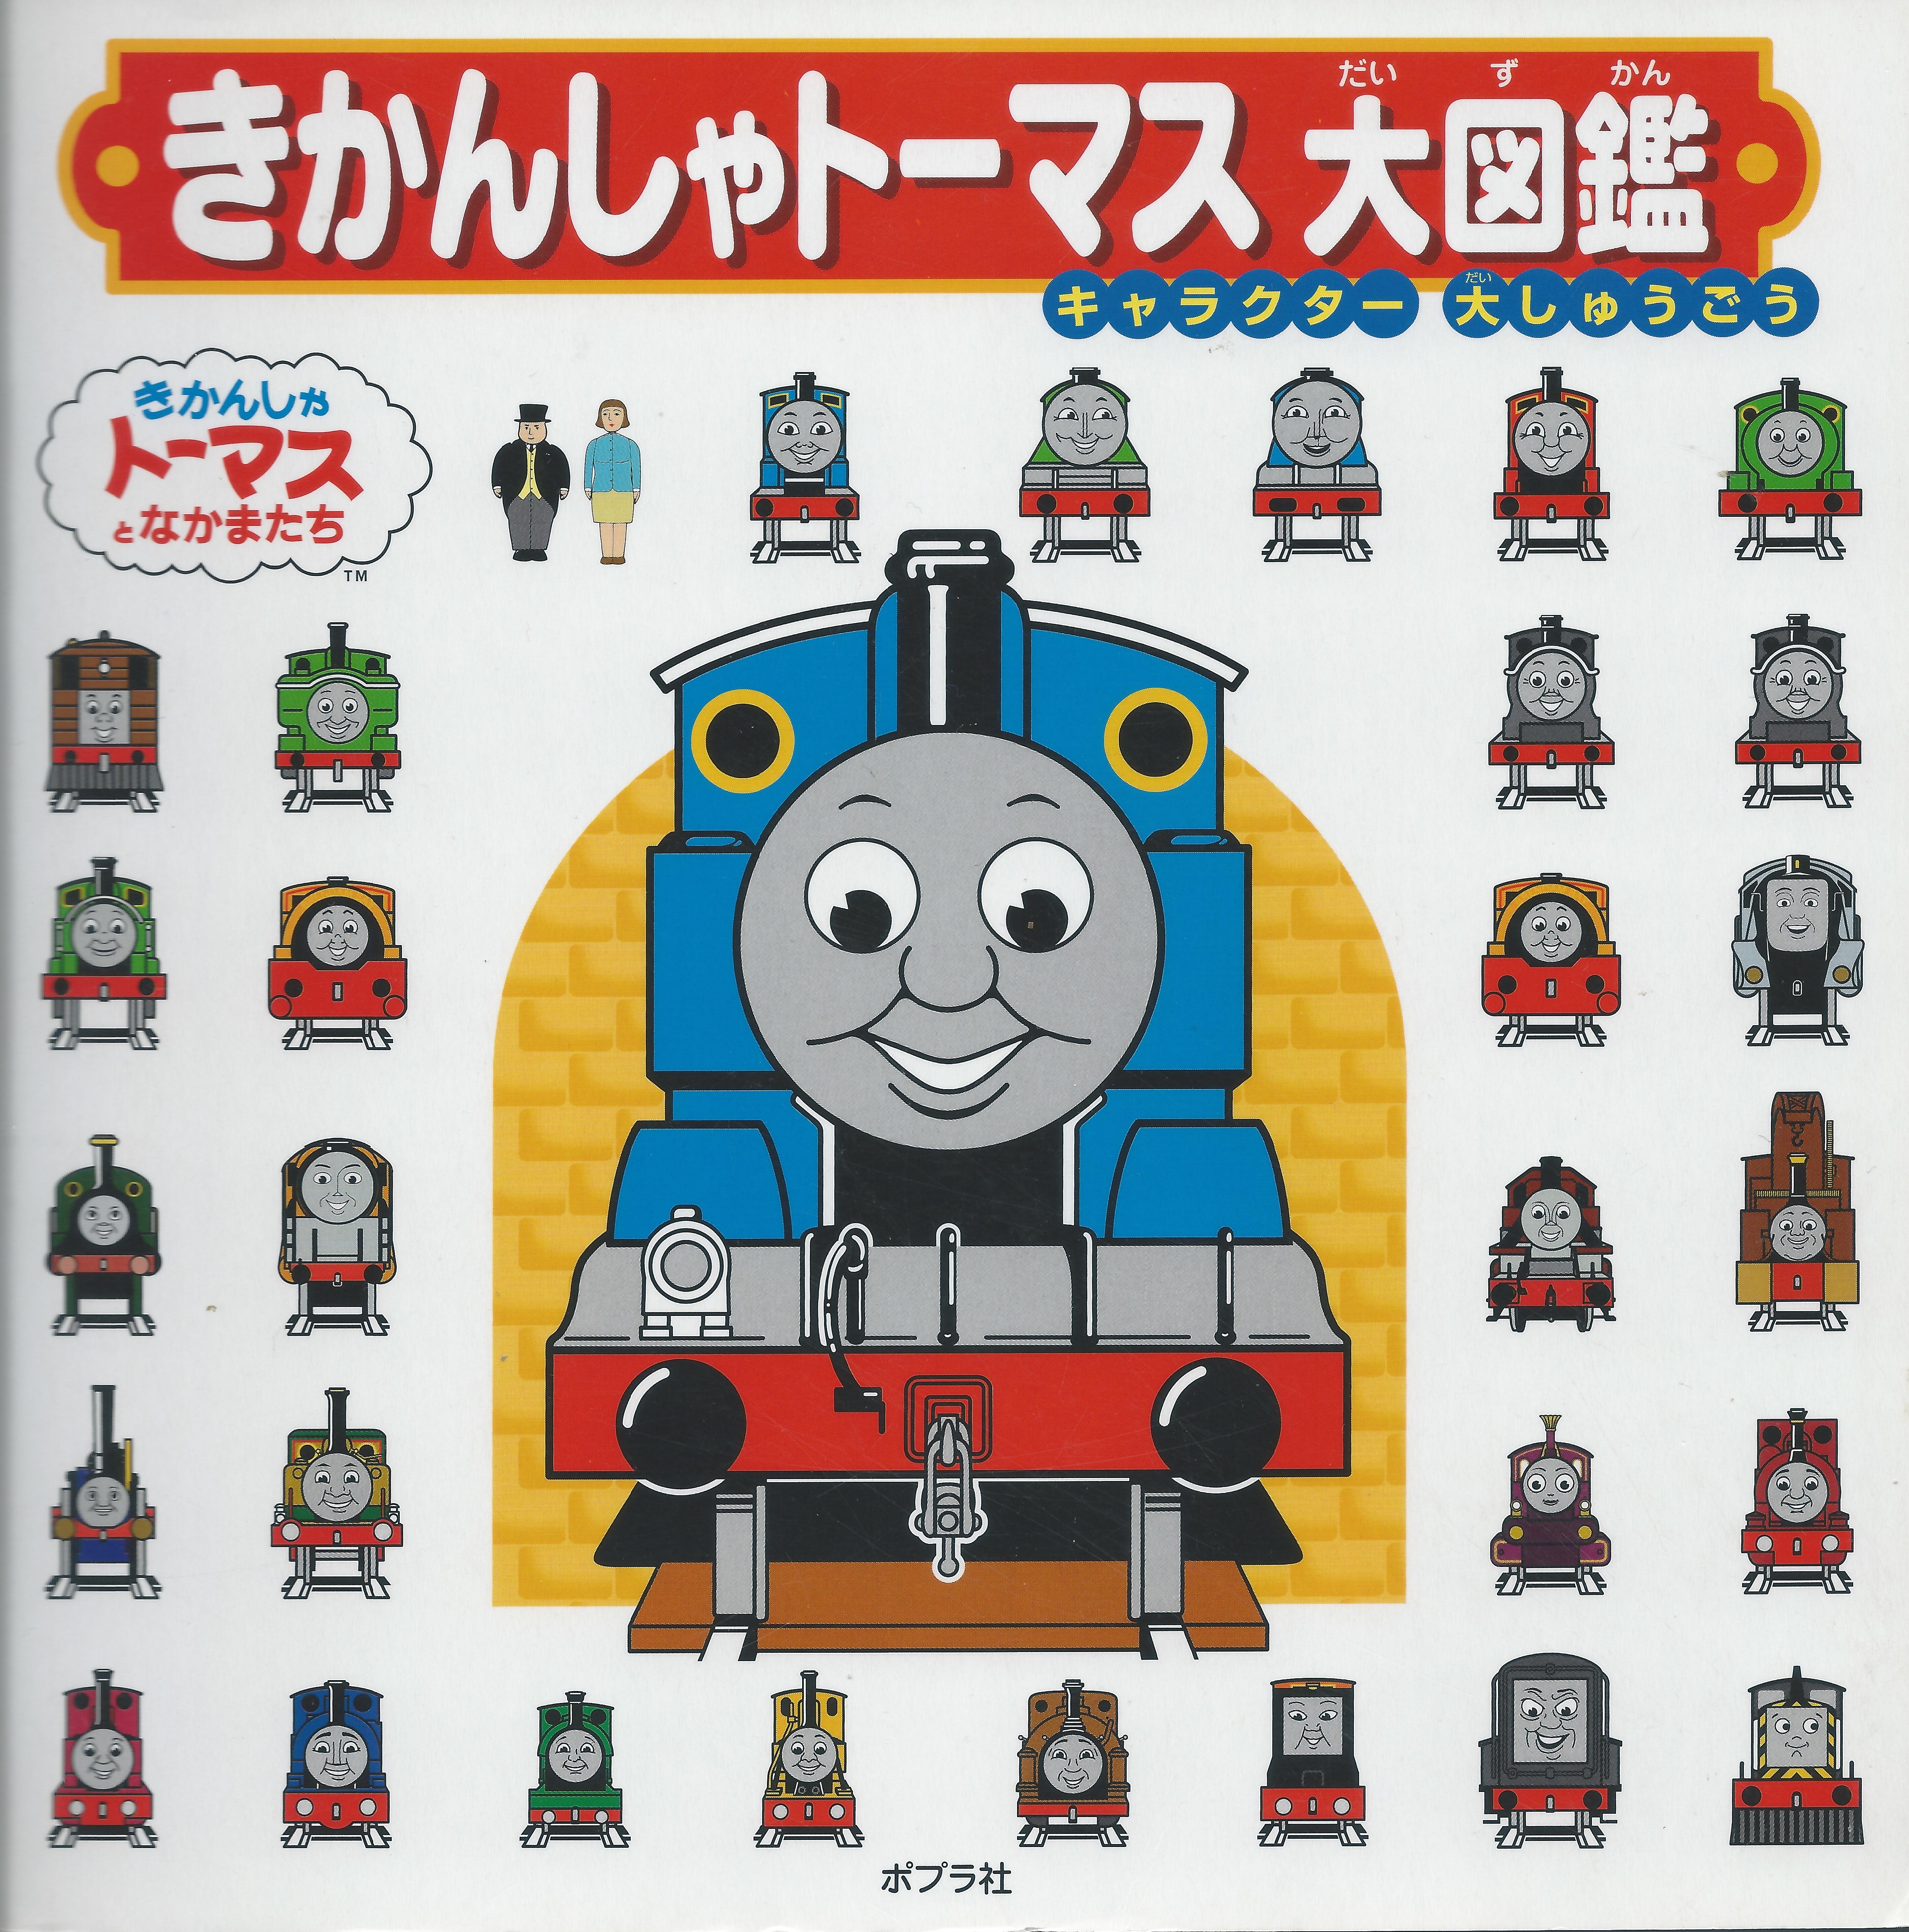 File:JapaneseThomasEncyclopedia2005.jpg